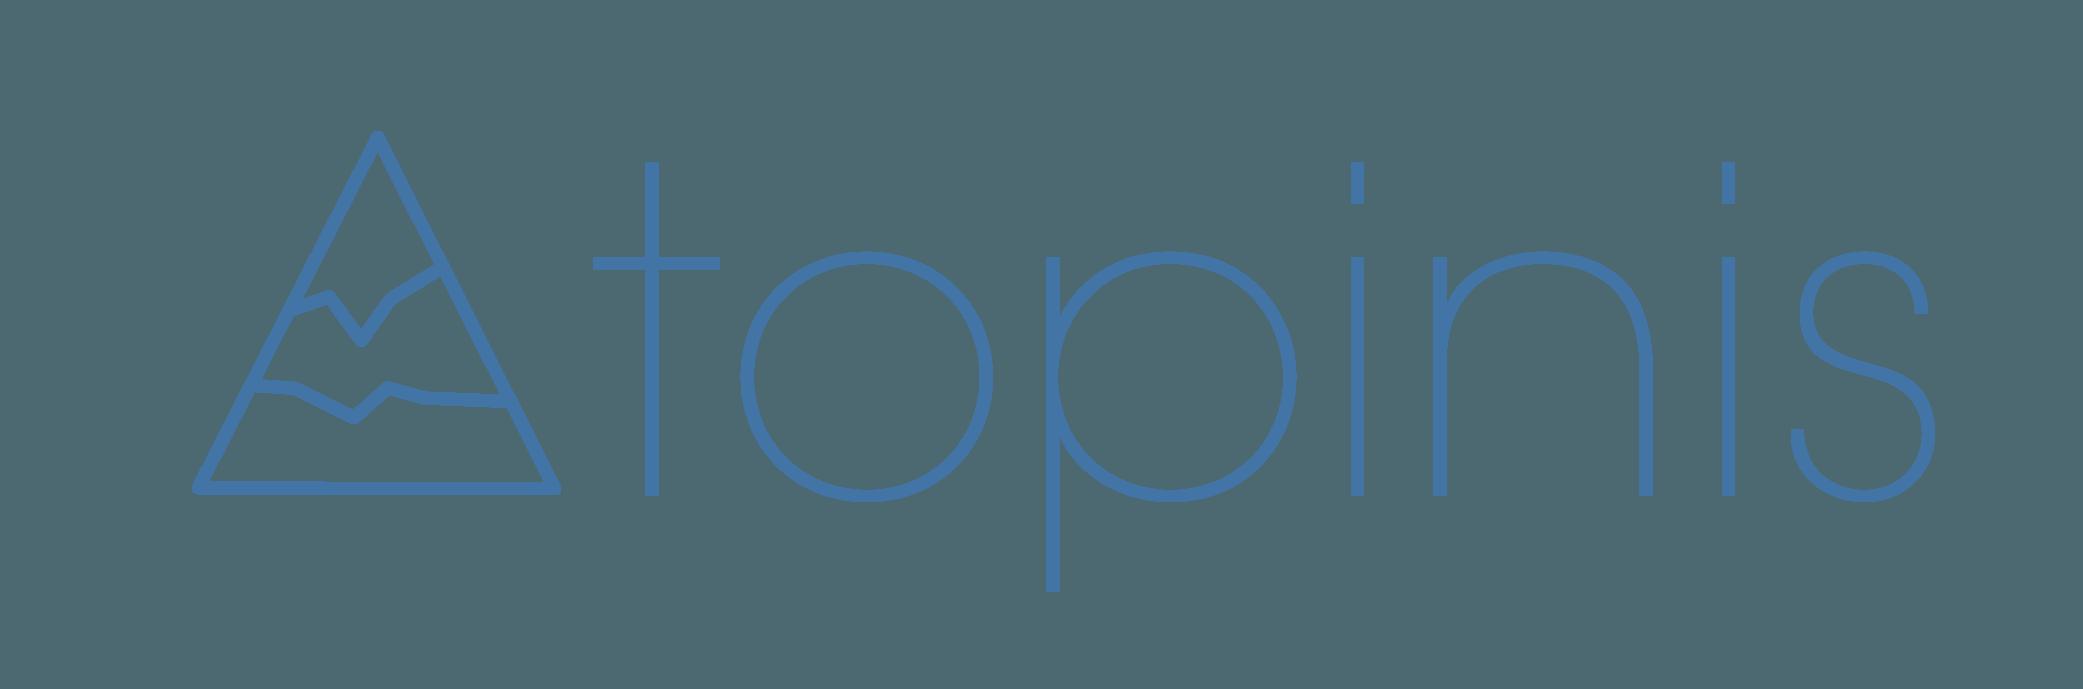 Atopinis.lt logo